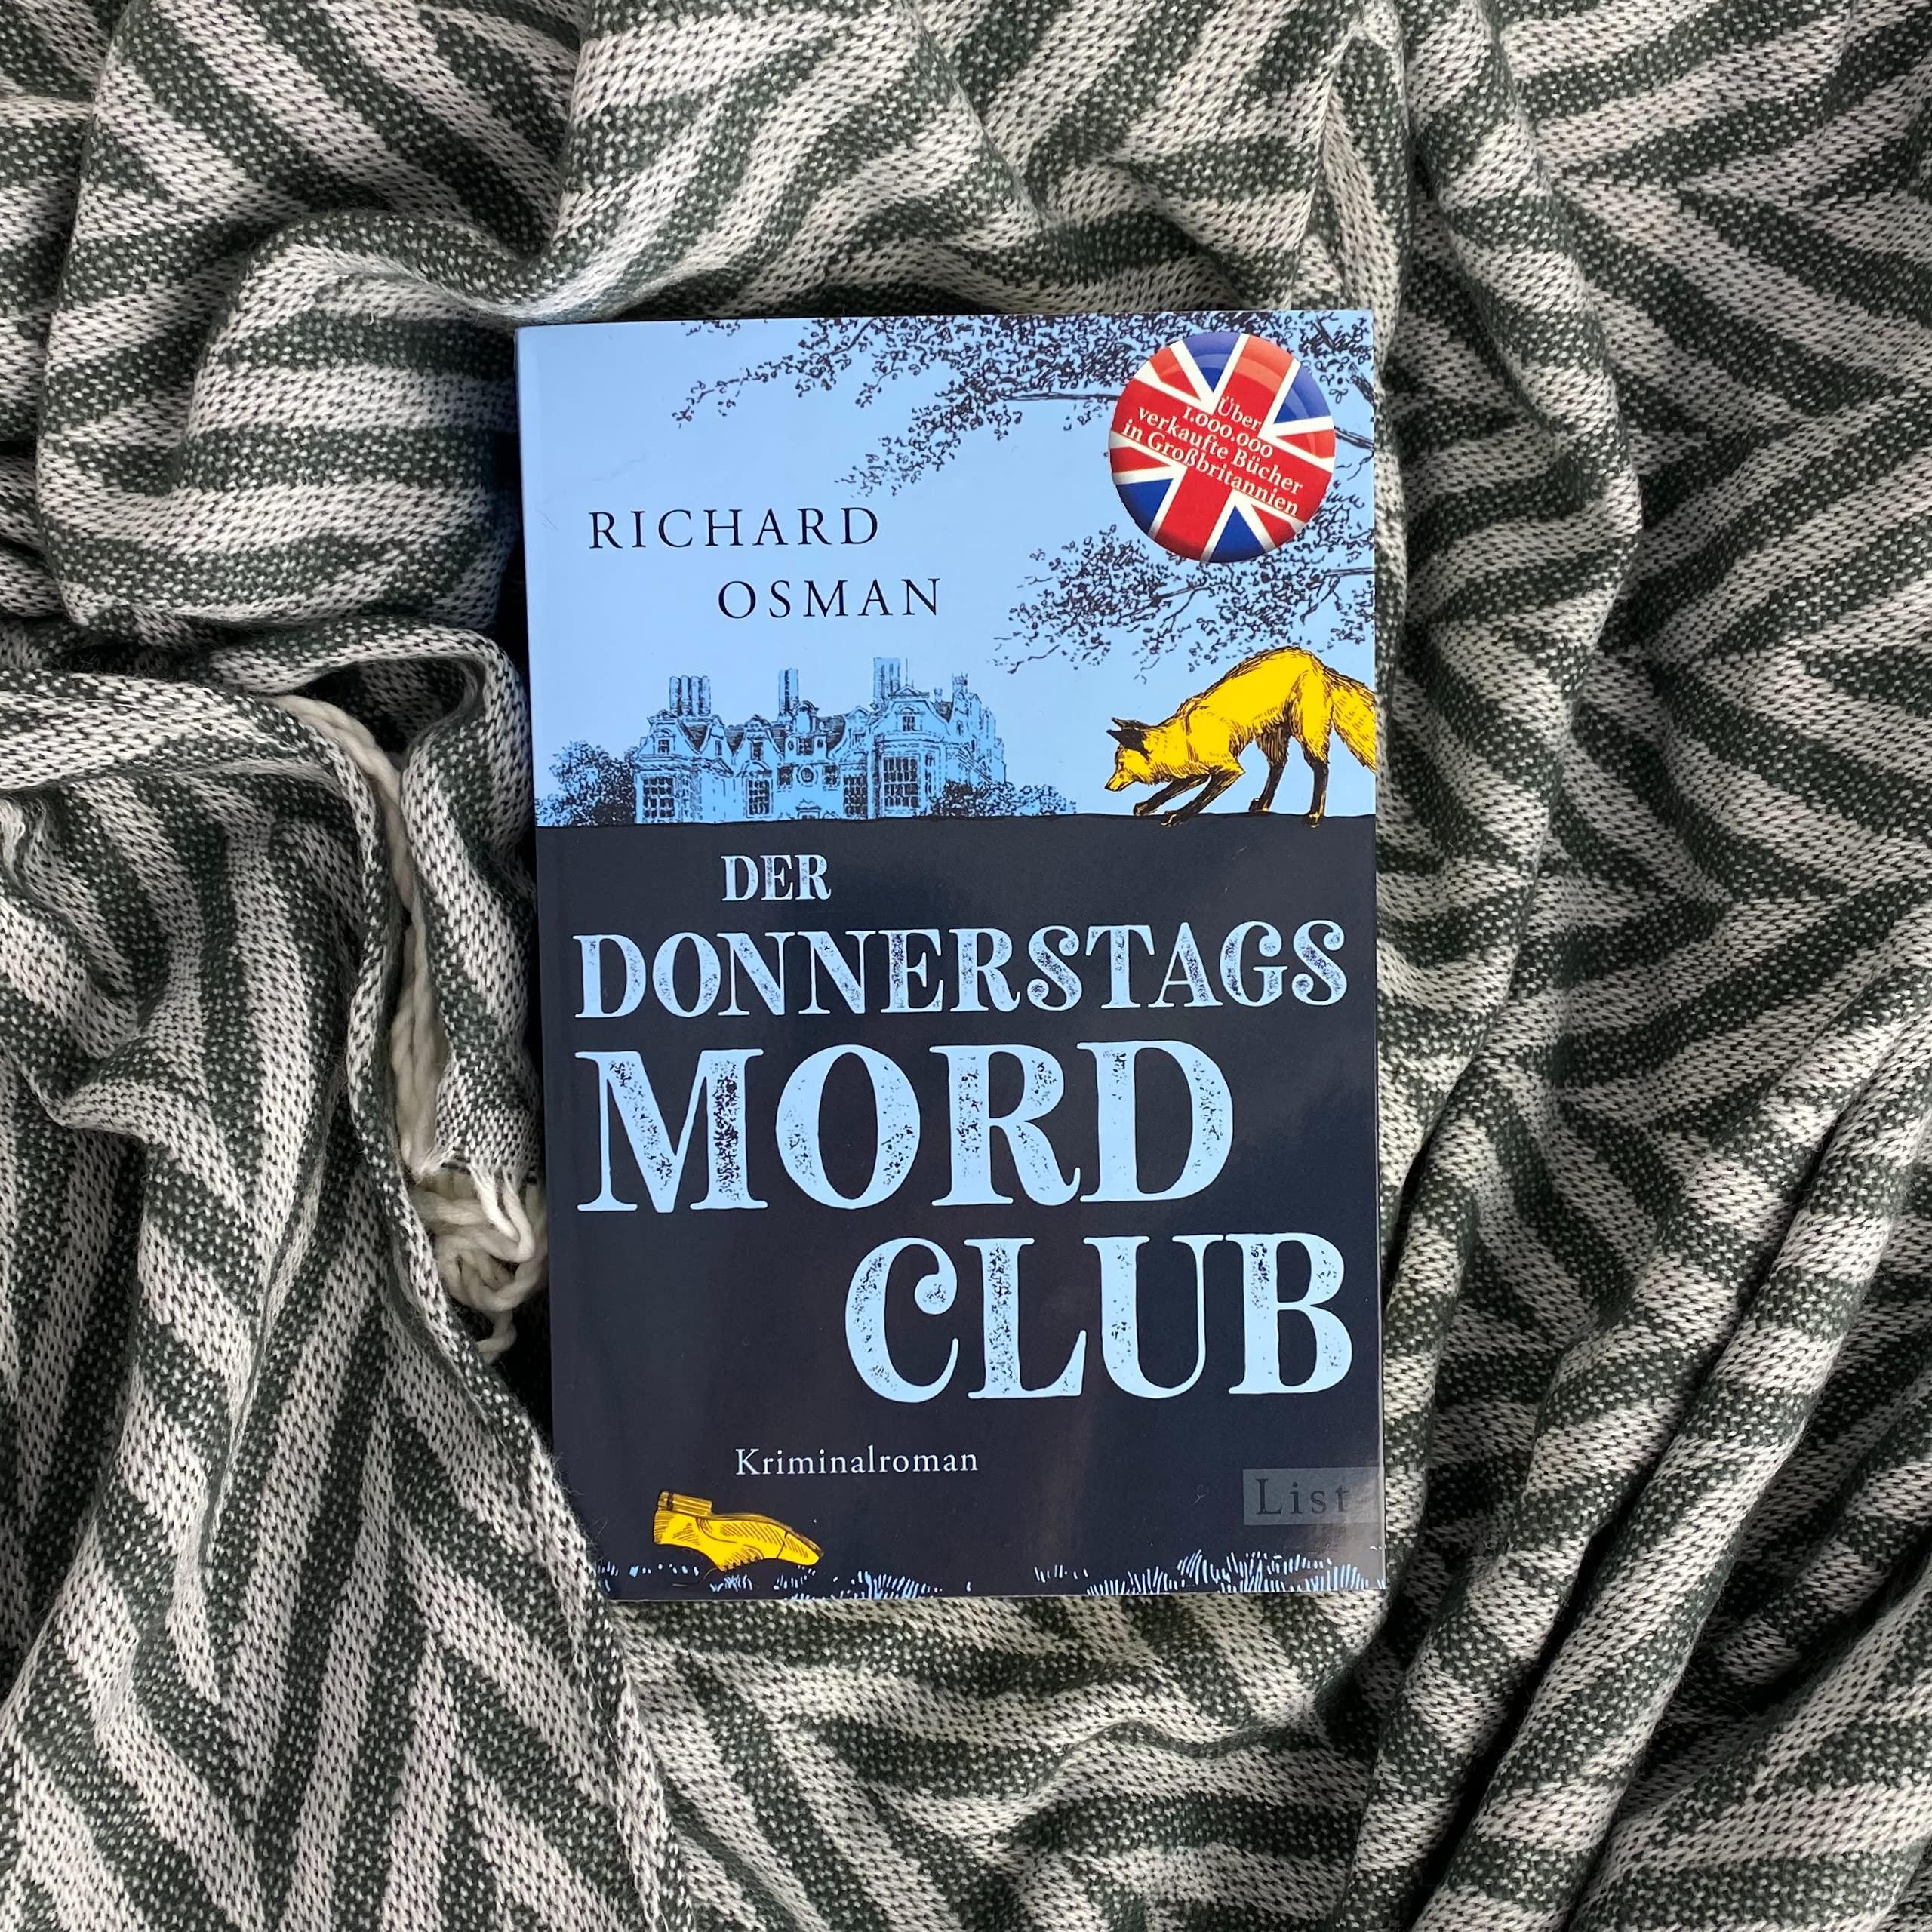 Der Donnerstagsmordclub Kriminalroman Der Millionenerfolg Aus England Die Mordclub Serie Band 1 Osman Richard Roth Sabine Bücher